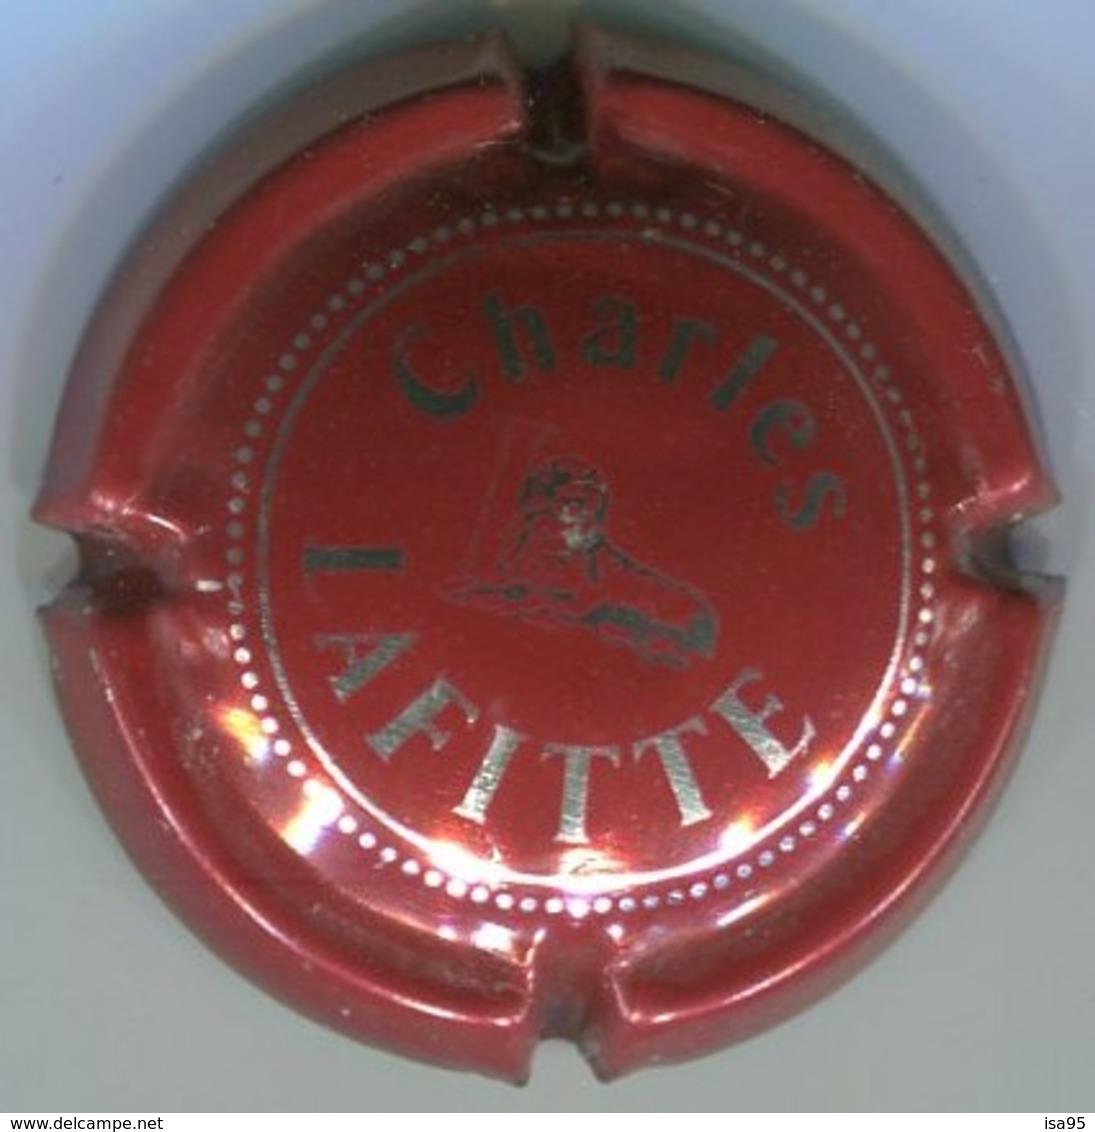 CAPSULE-CHAMPAGNE LAFITTE CHARLES N°03 Rouge & Métal - Lafitte, Charles